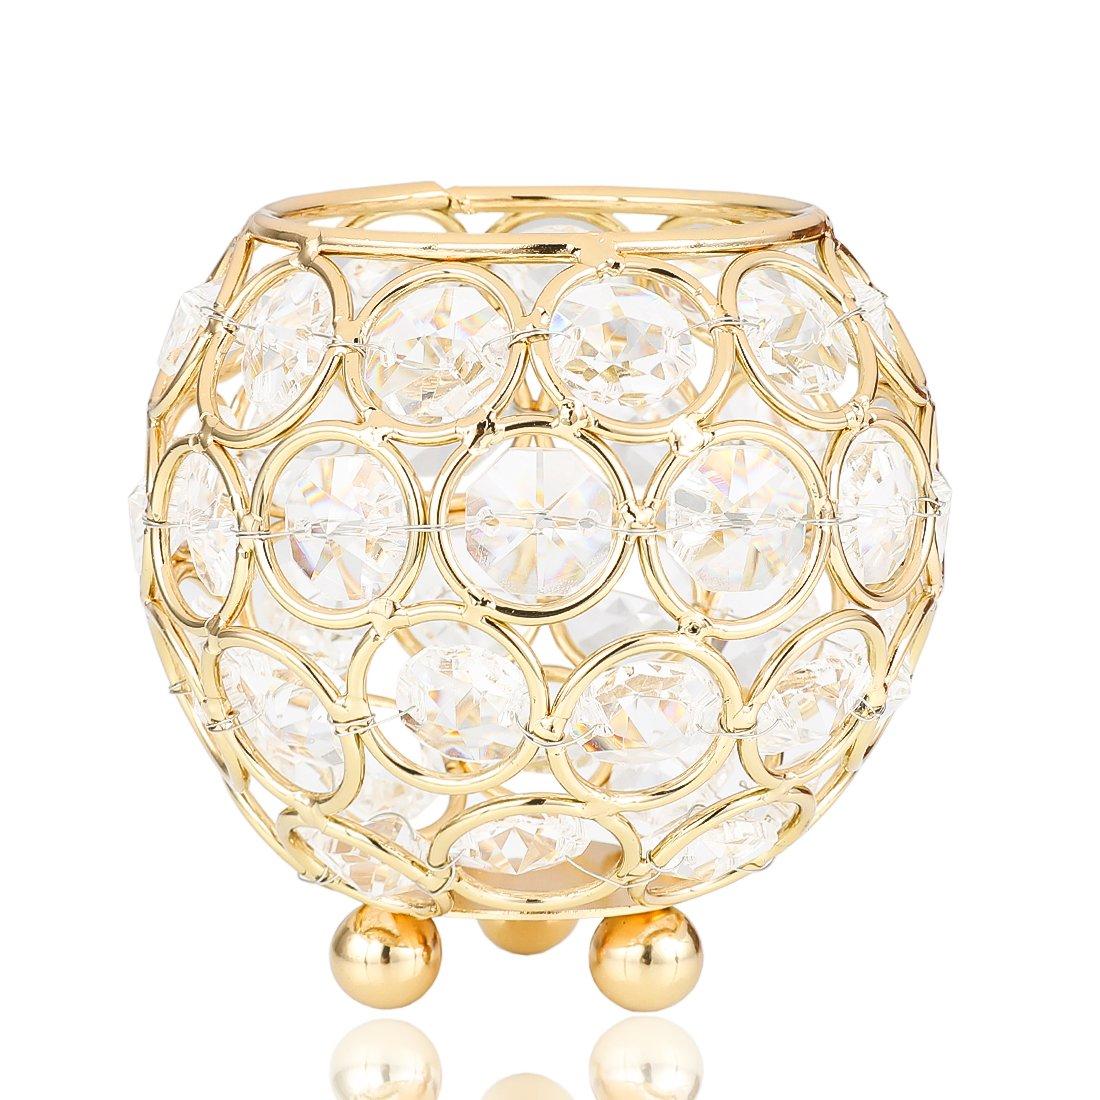 Desconocido H& D - Portavelas de Cristal con Diseño de Velas de Té, para Decoración de Mesas, centros de Mesa de Boda, Diseño Moderno (Oro) LTD